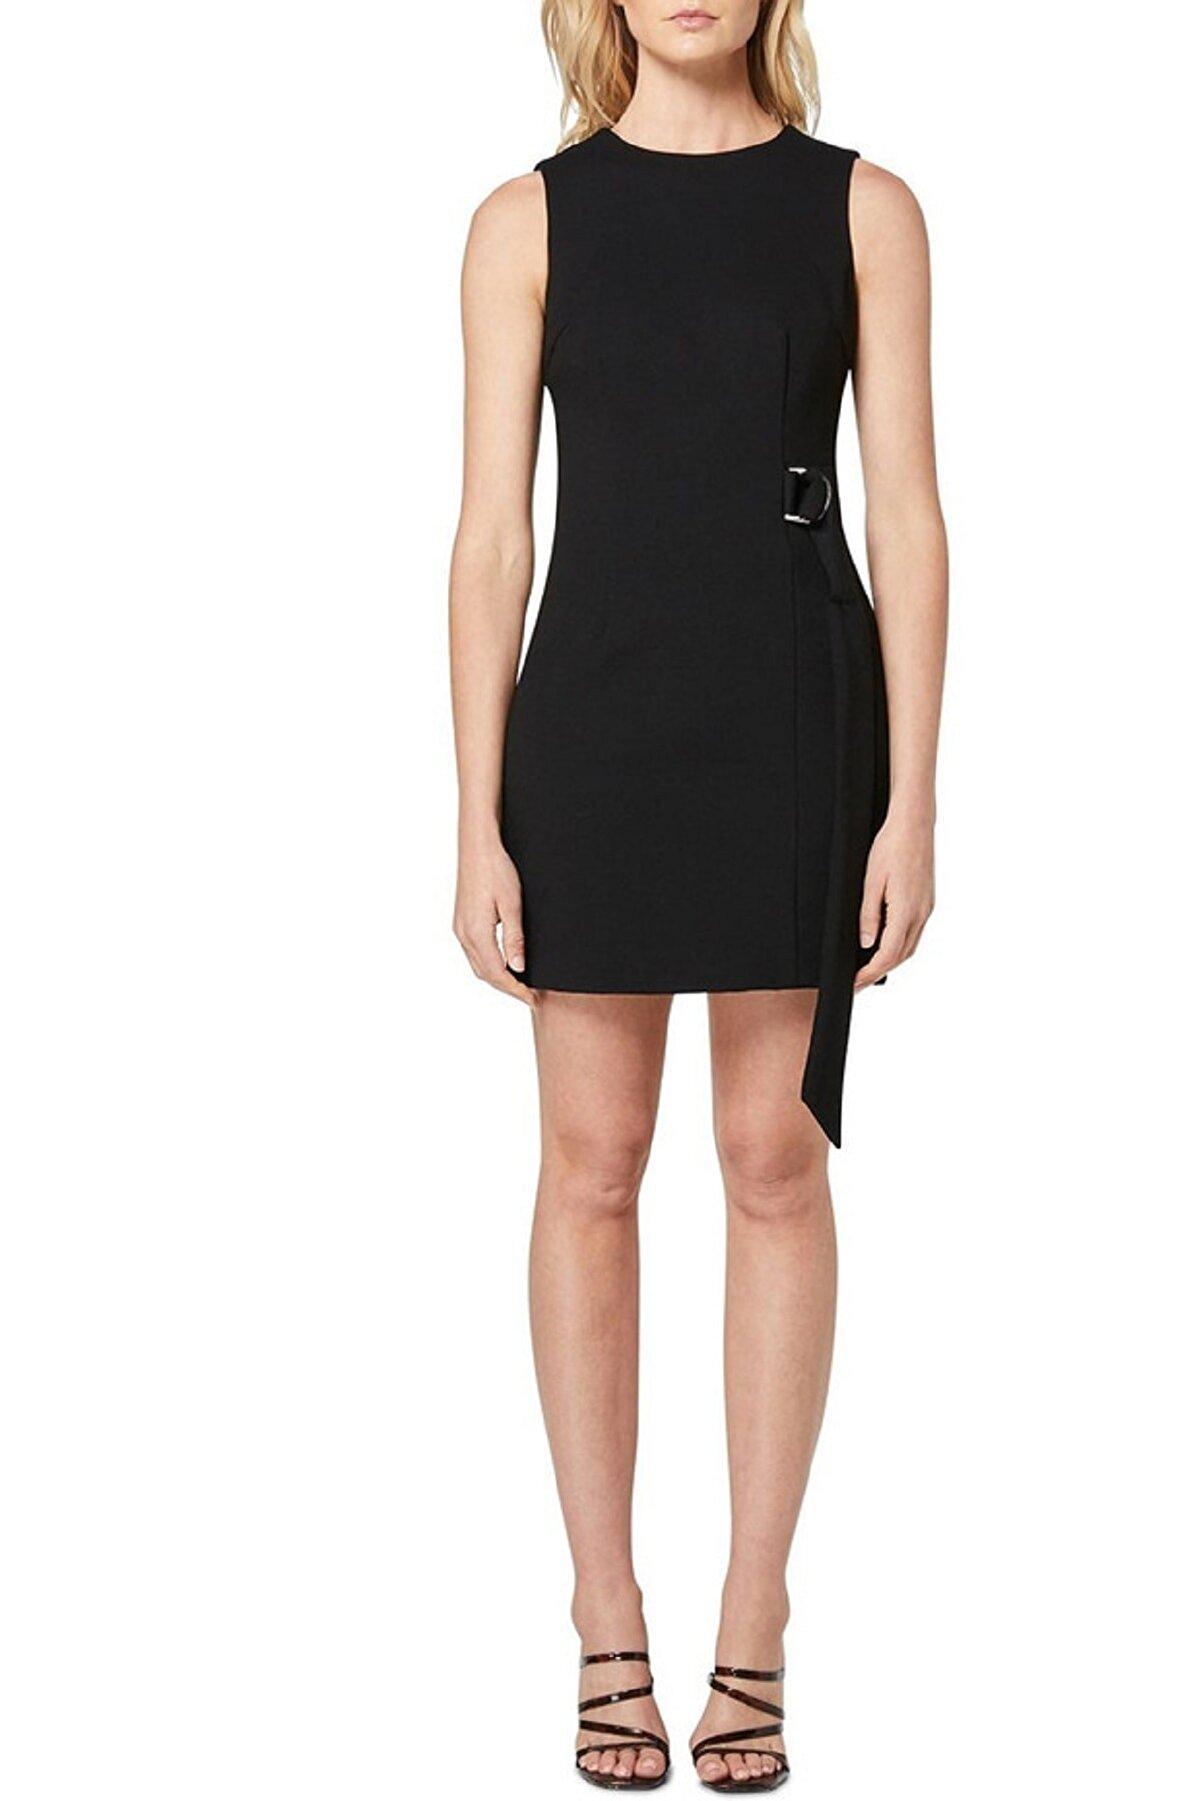 bayansepeti Esnek Krep Kumaş Kuşak Detaylı Kolsuz Siyah Mini Elbise Emr-074